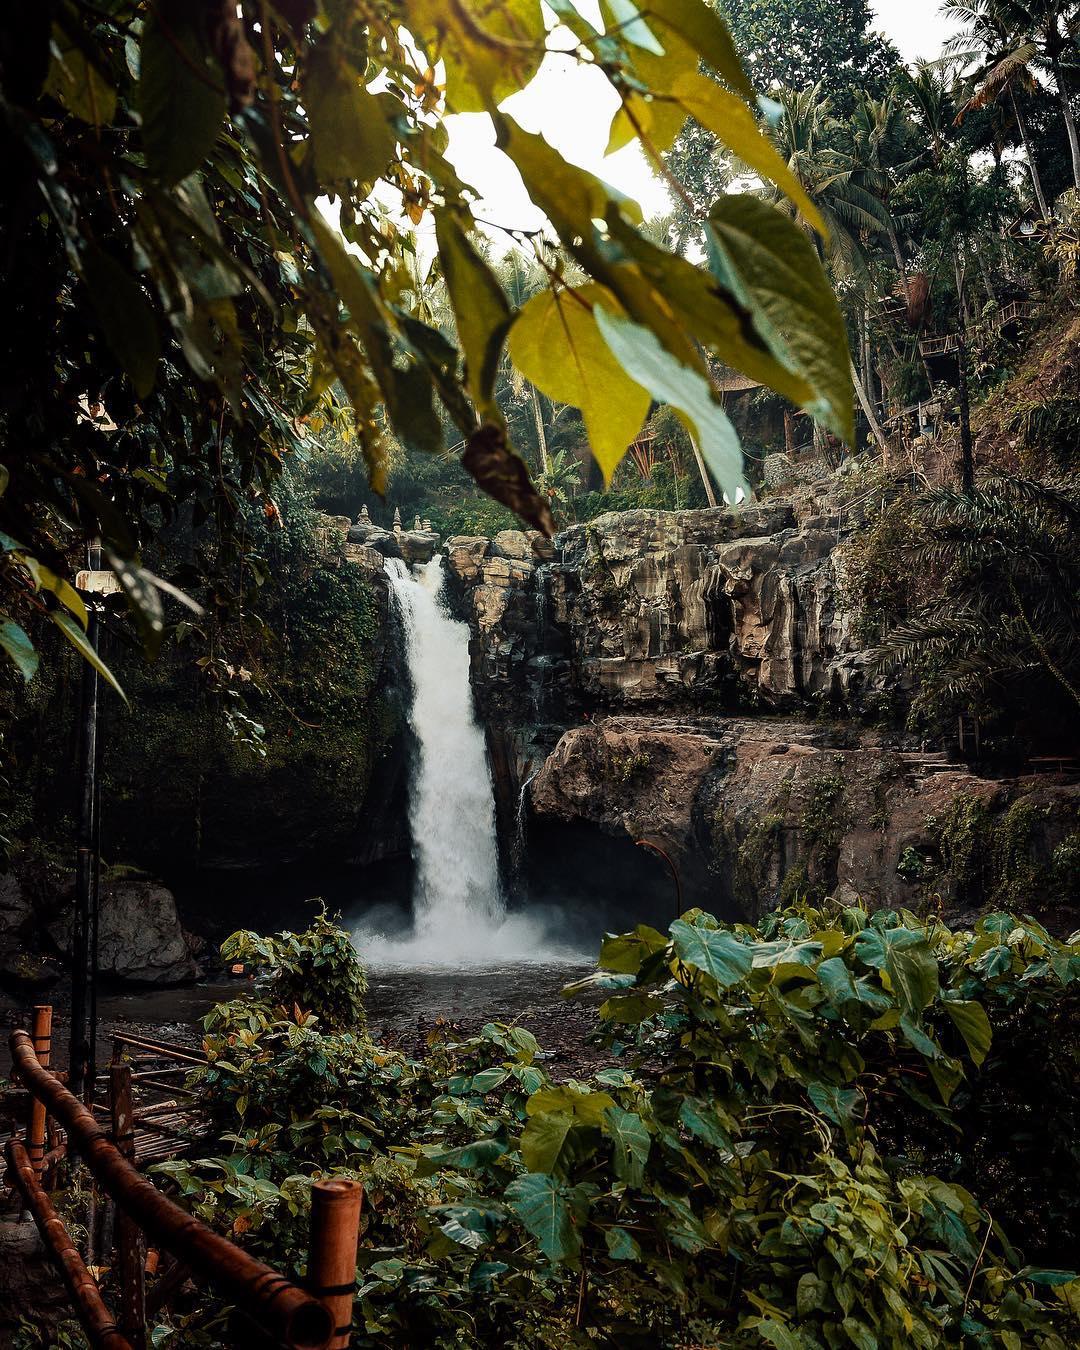 Путешествия и приключения на снимках Ллойда Эванса (25 фото)